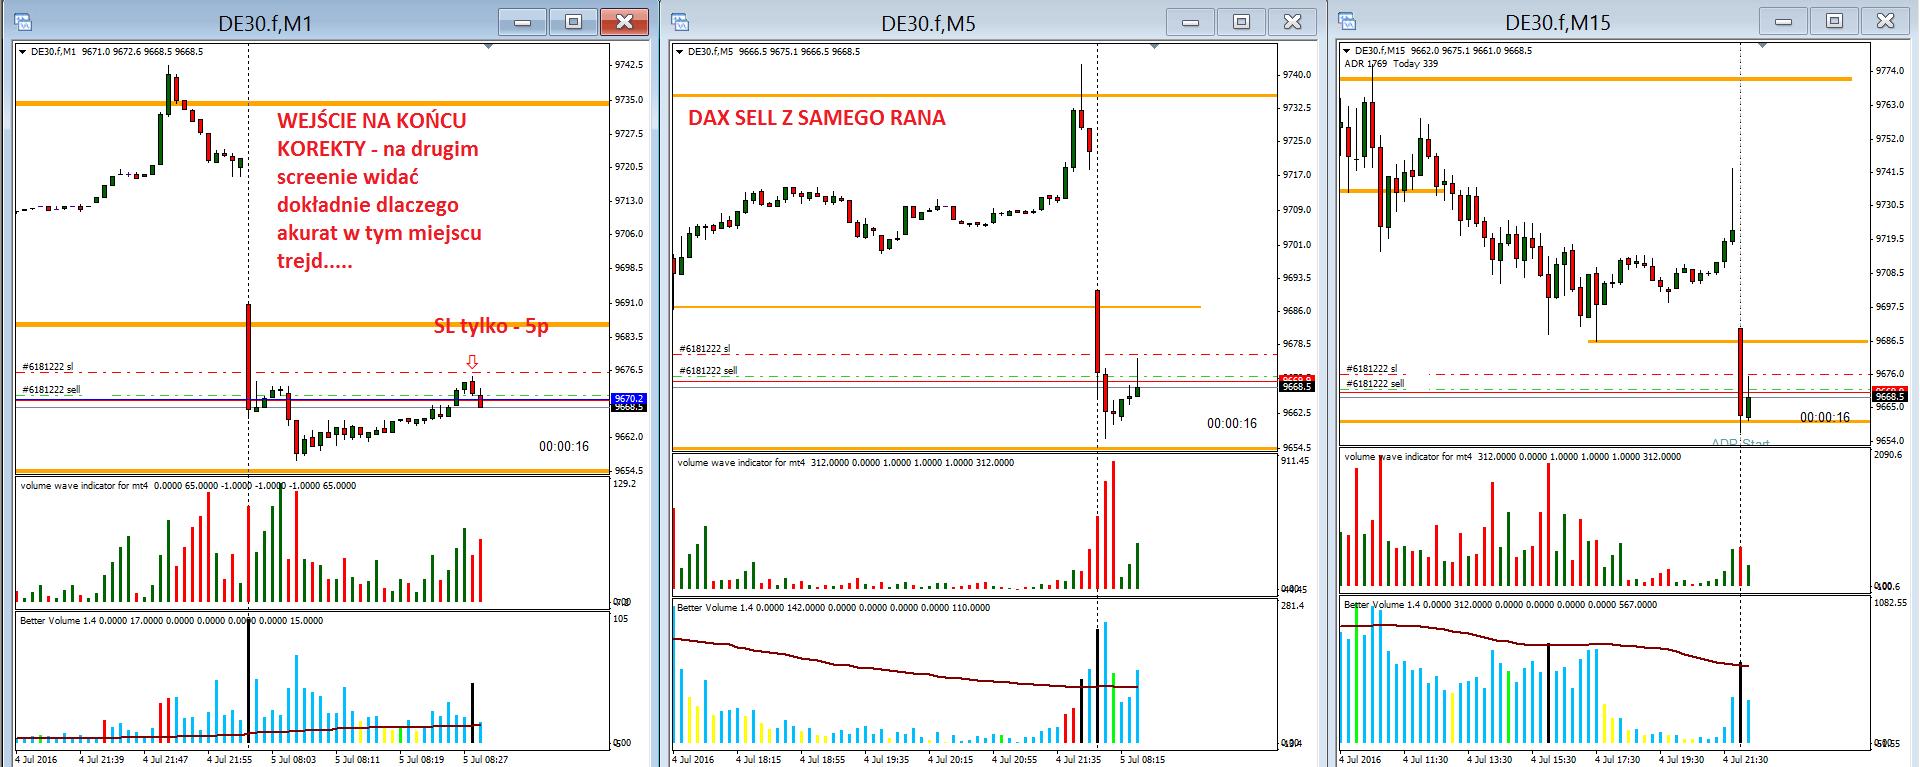 1-forex-skuteczna strategia-myforex-trader-trading-waluty-dax-prosta strategia tradingowa-broker-sukces-wolumen-vsa-świec japońskie-formacje świecowe-poziomy fibo-scalping